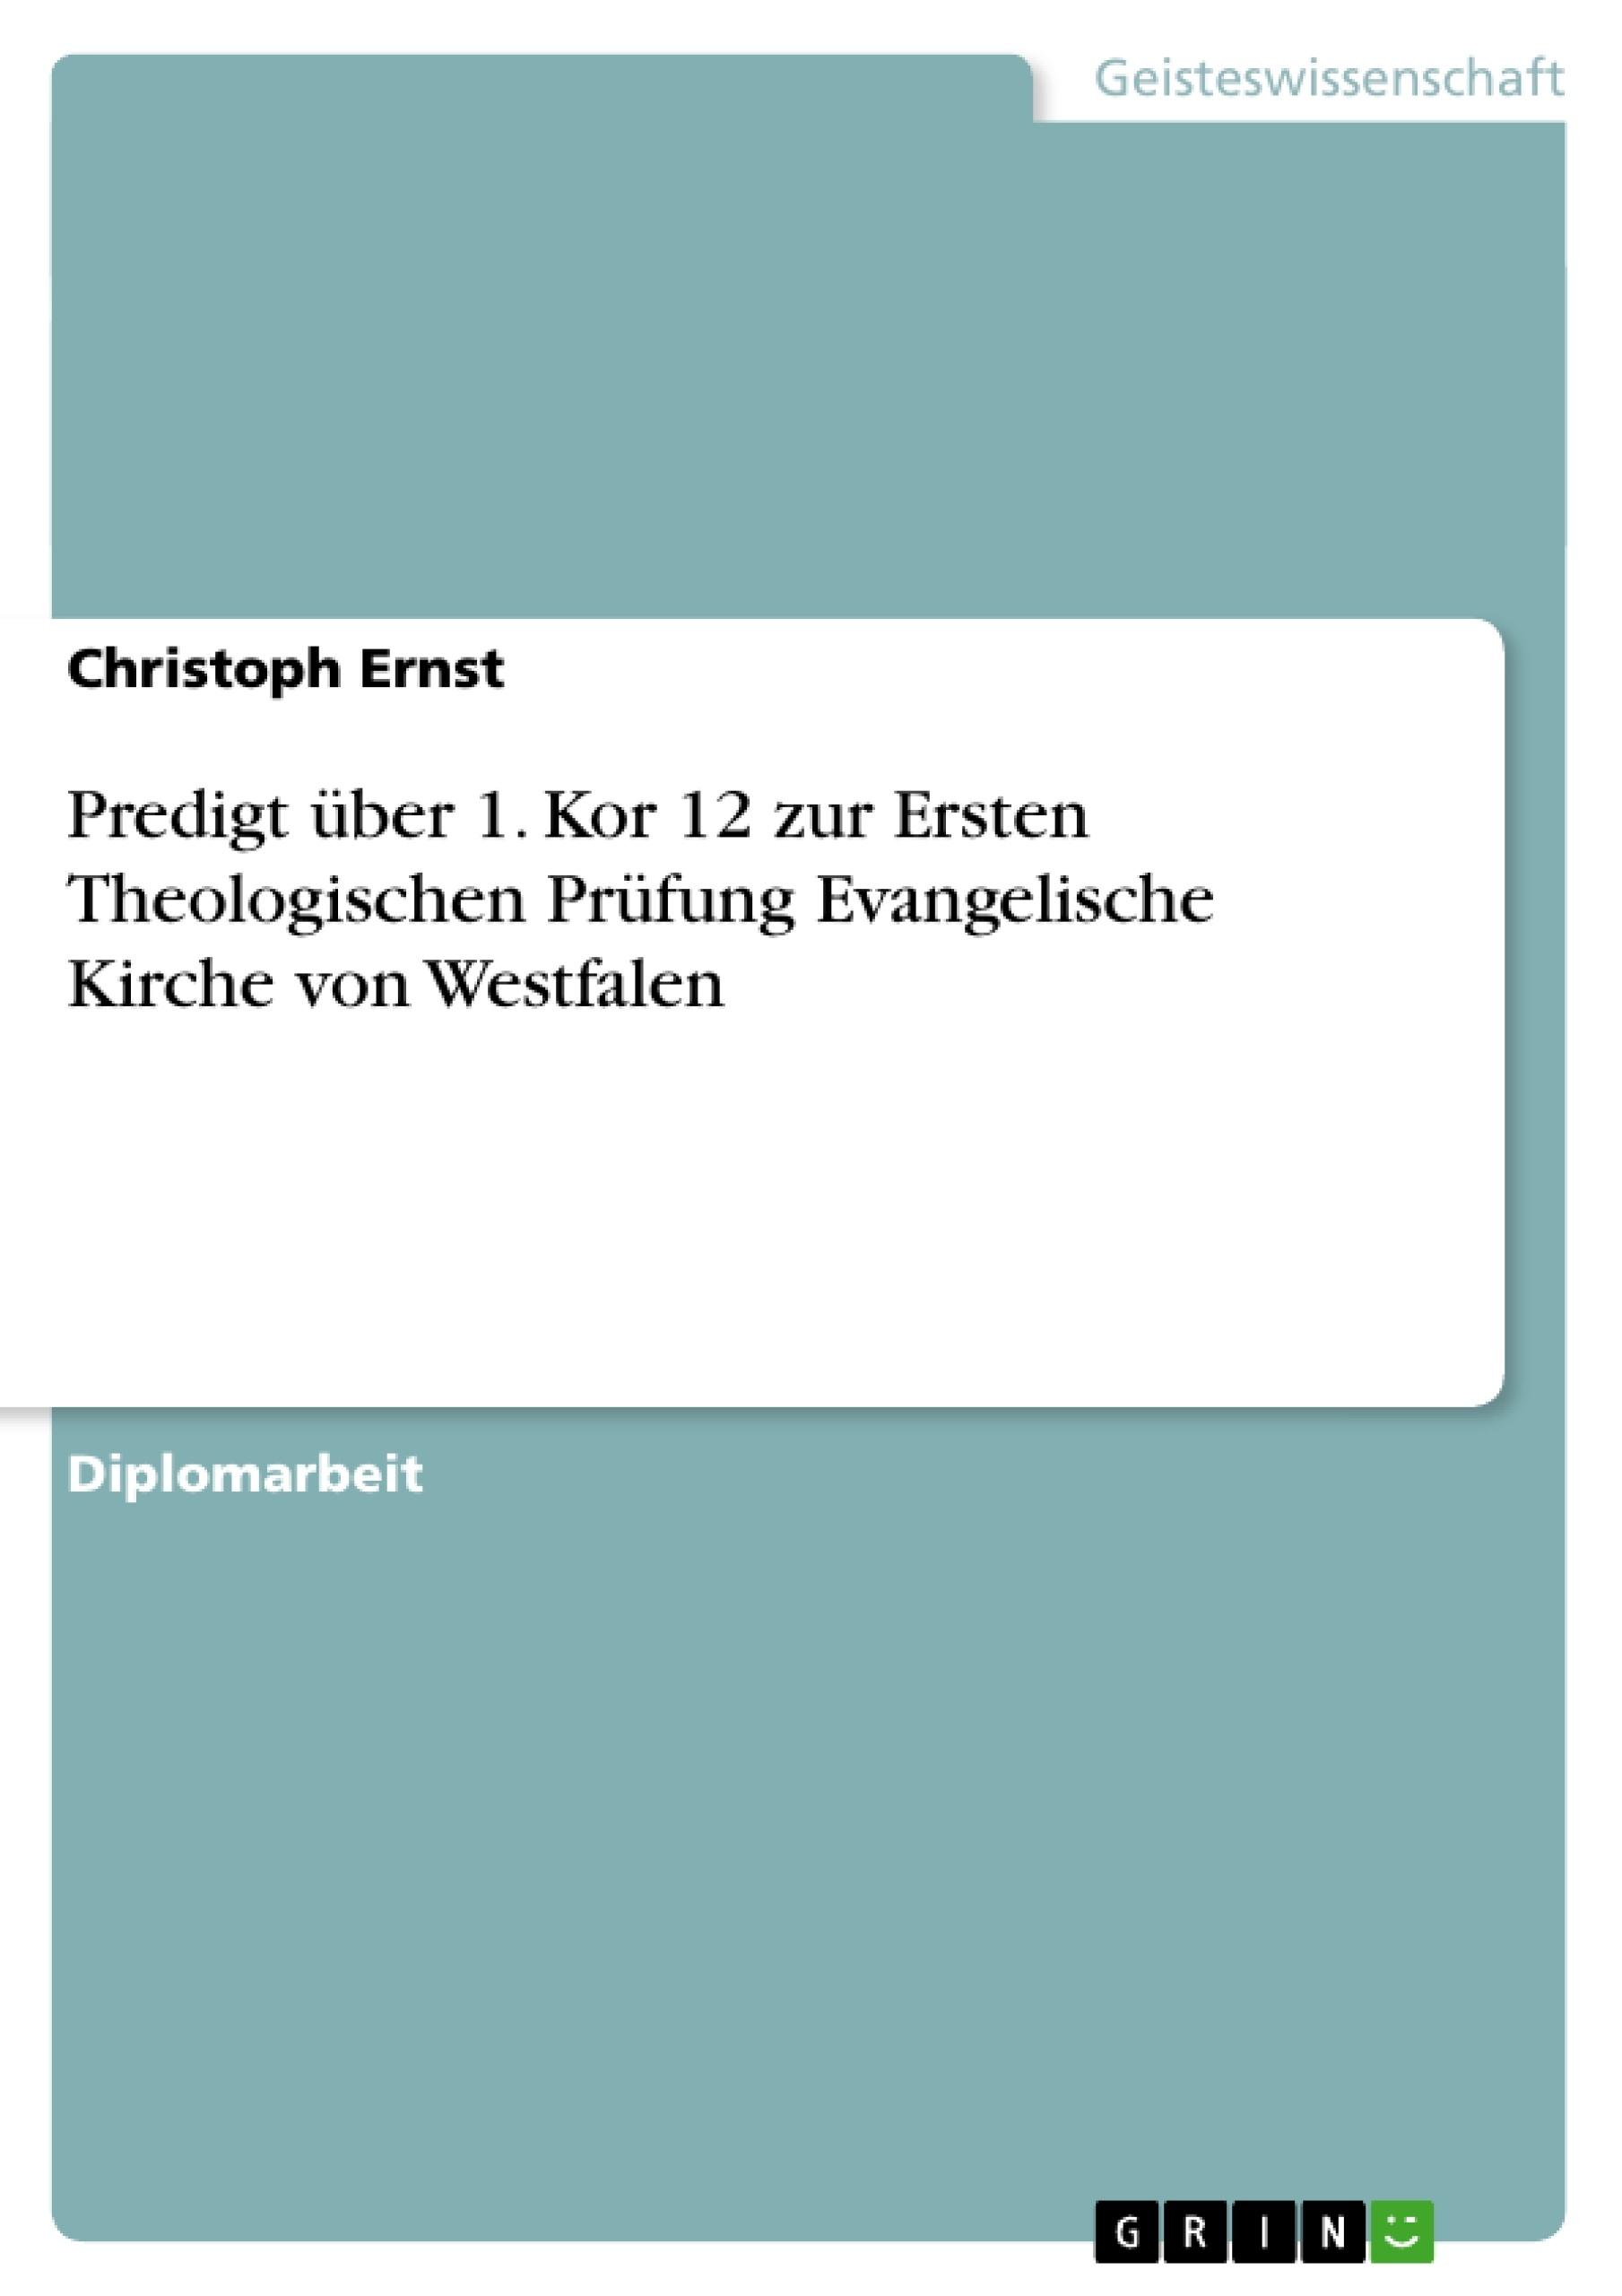 Titel: Predigt über 1. Kor 12 zur Ersten Theologischen Prüfung Evangelische Kirche von Westfalen